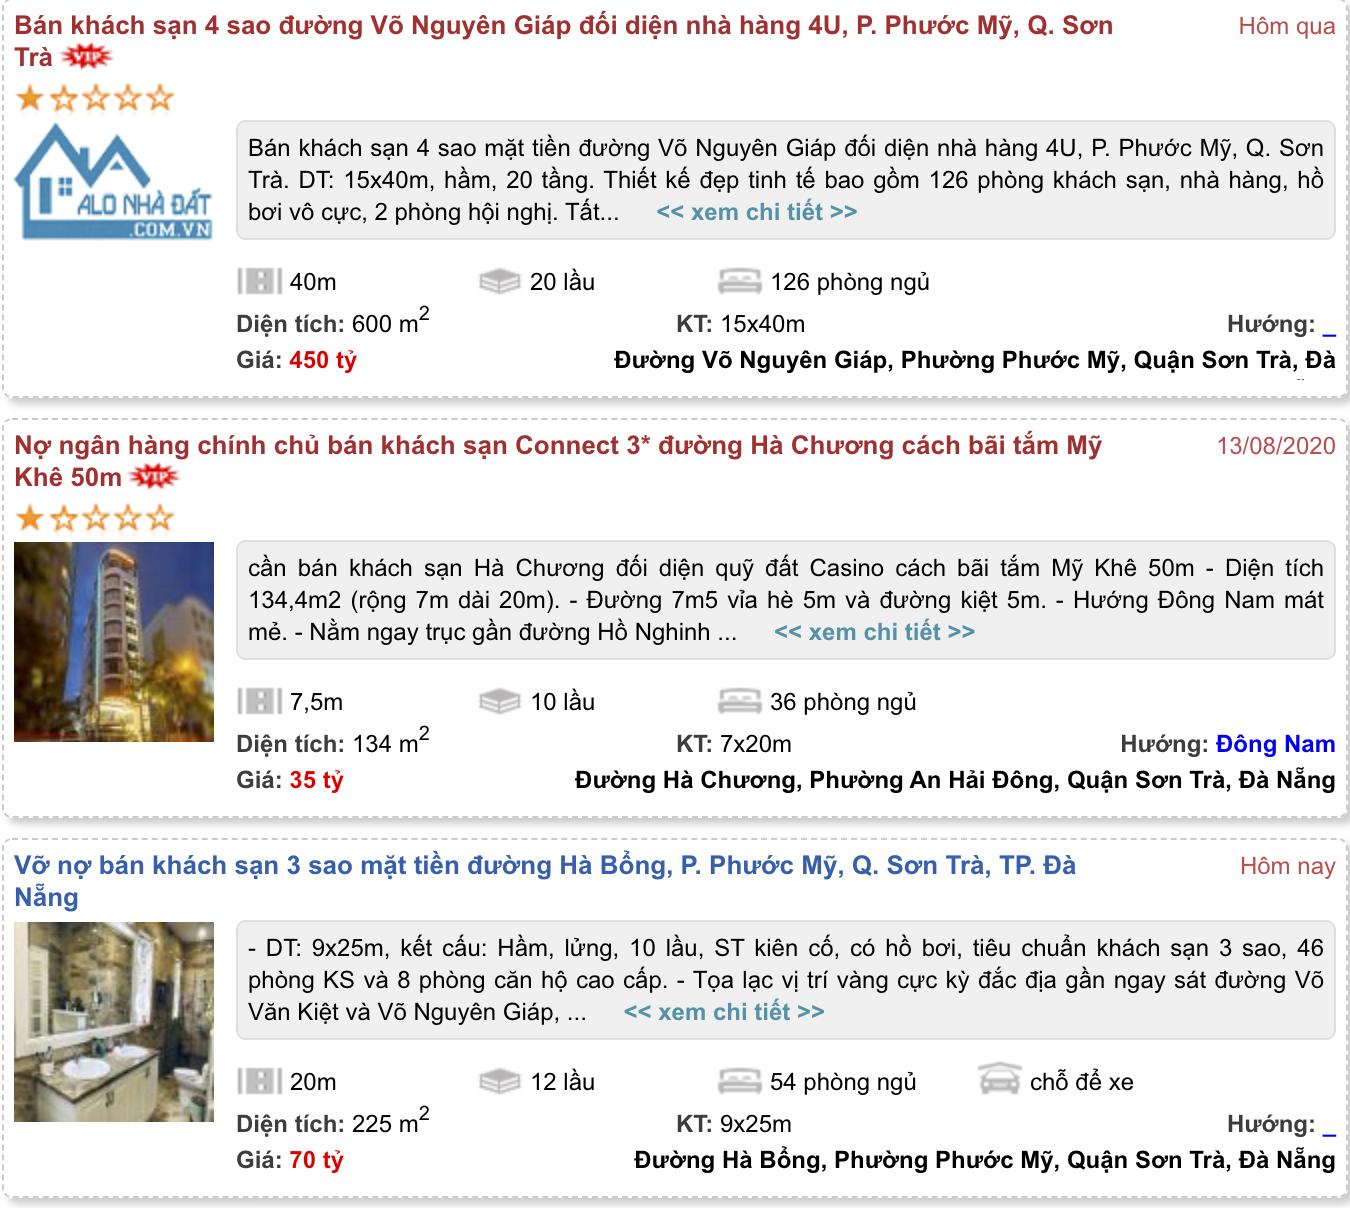 'Cú đấm bồi' COVID-19 khiến khách sạn 4 sao ở Đà Nẵng cũng rao bán - Ảnh 3.